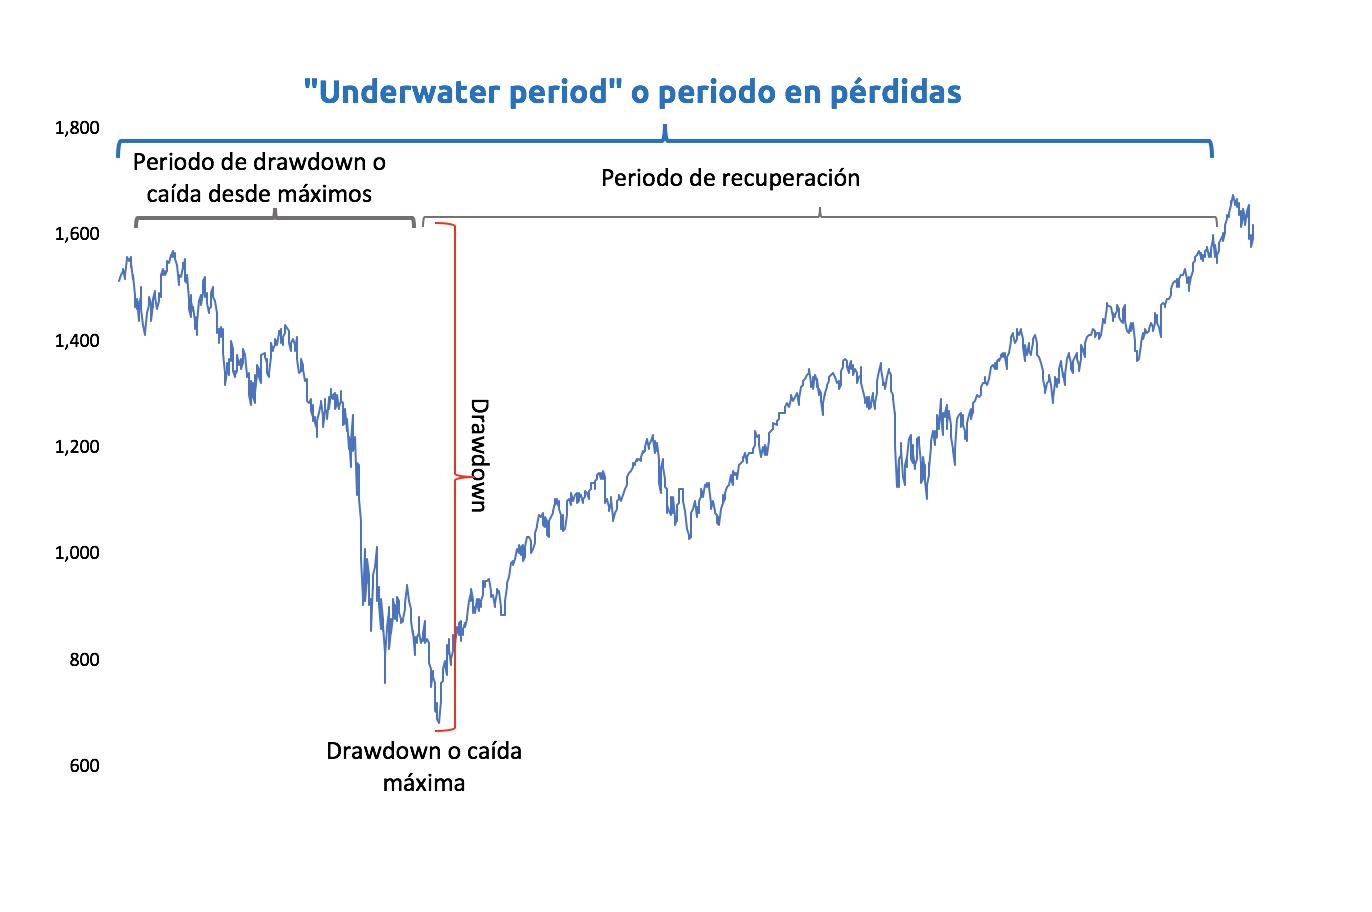 """Periodo en pérdidas o """"underwater period"""""""